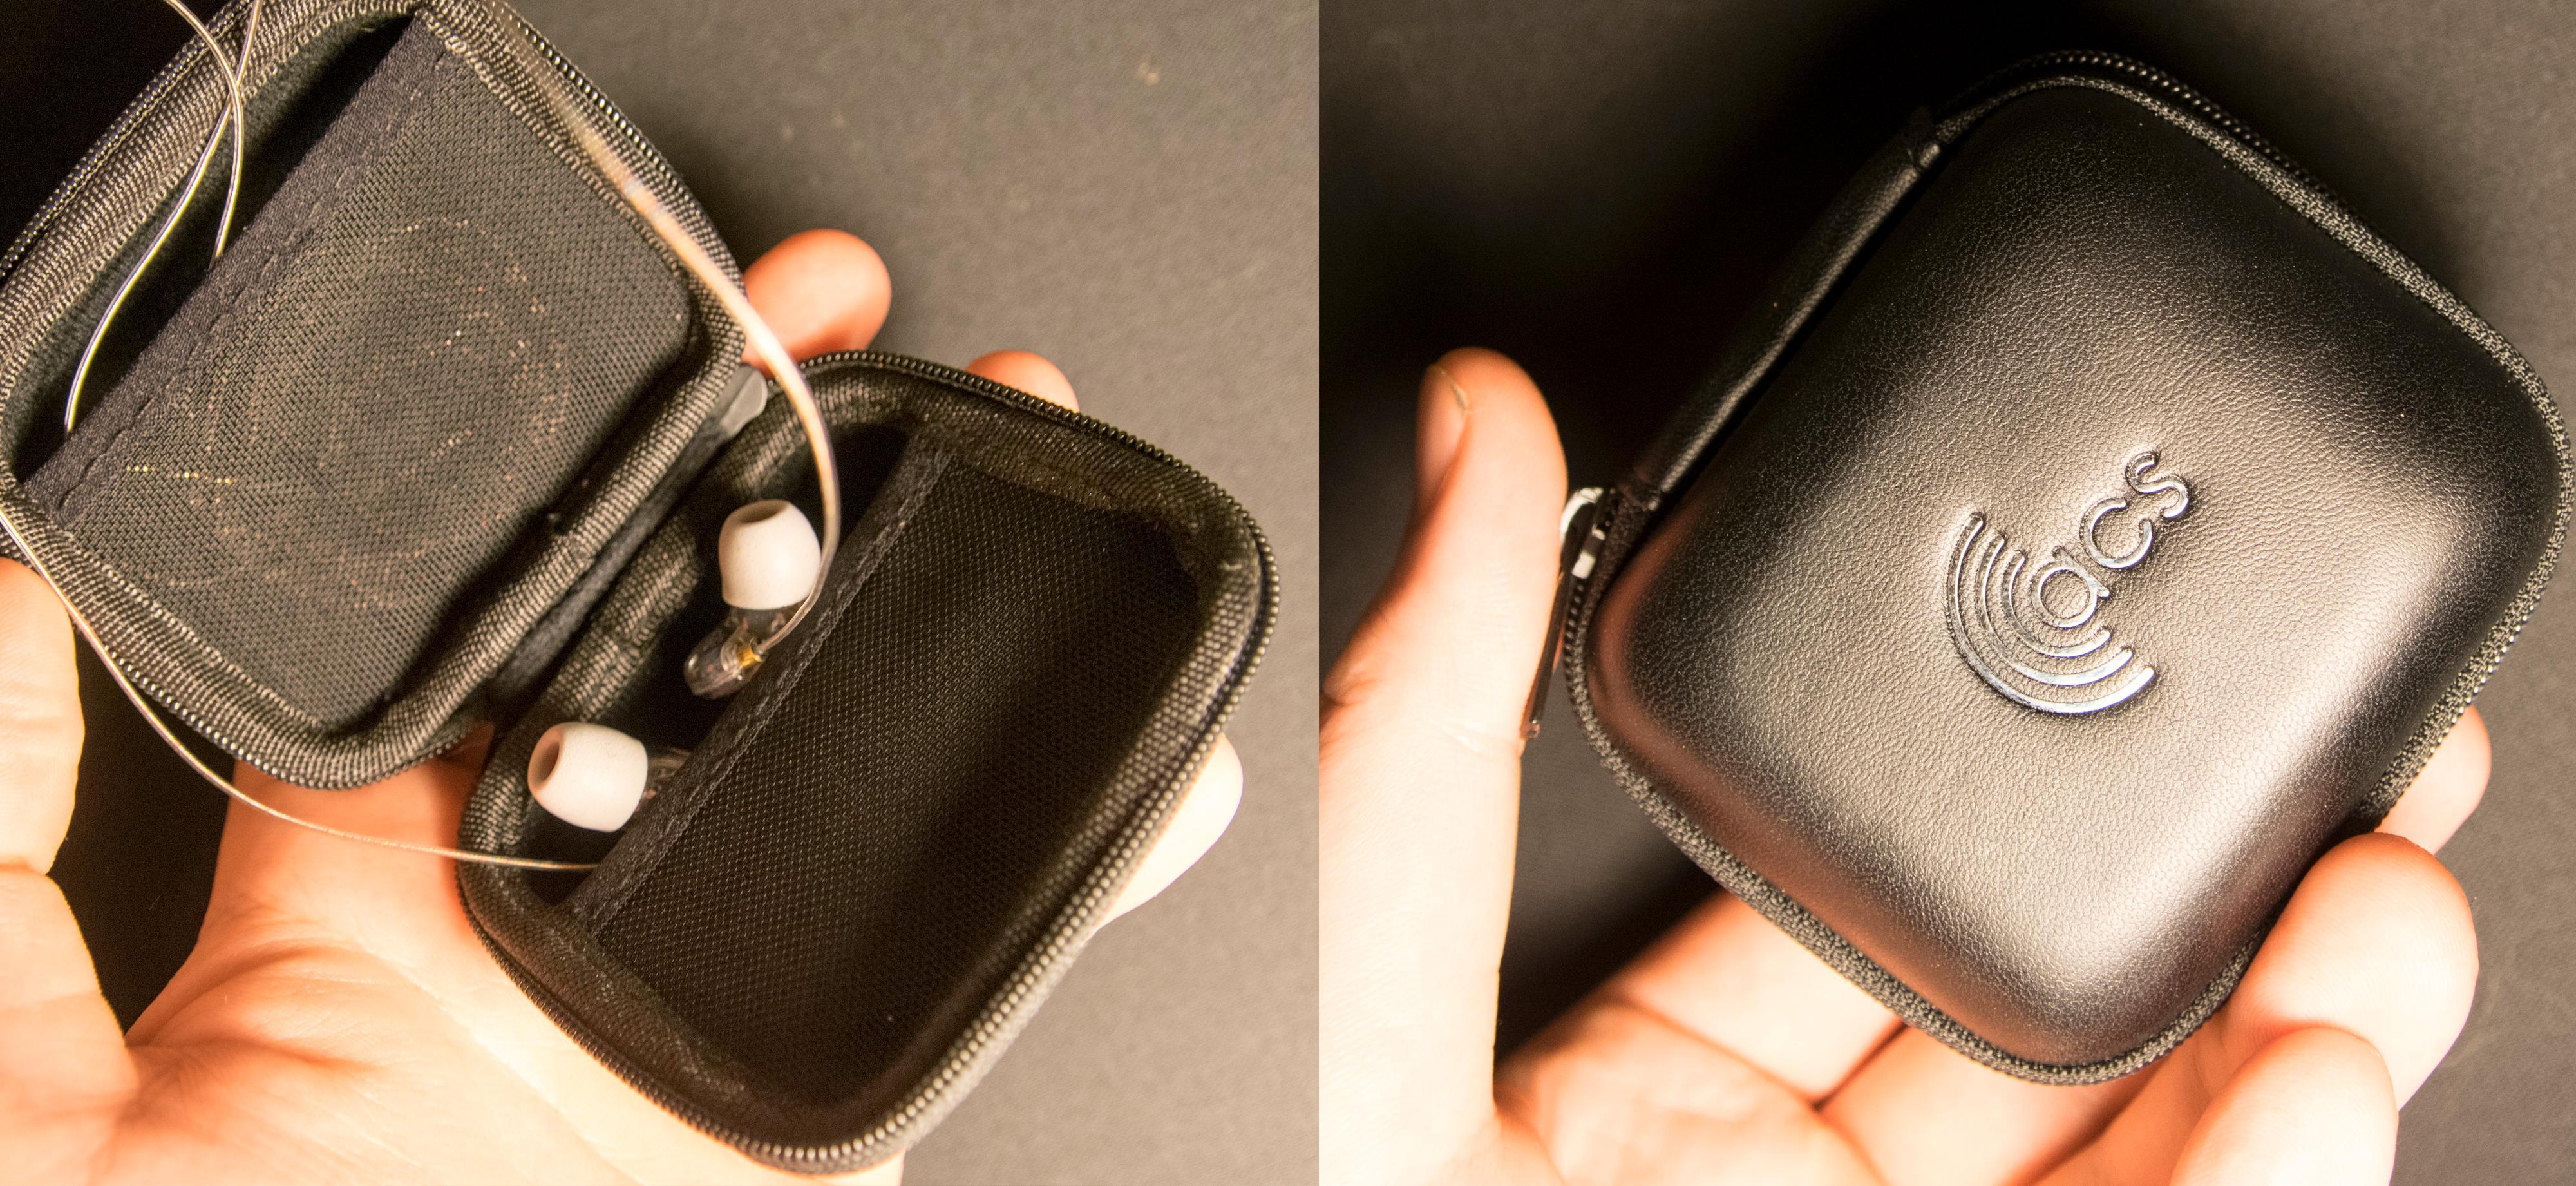 Det følger med en praktisk oppbevaringseske til å ha pluggene i når de ikke er i bruk. Foto: Finn Jarle Kvalheim, Tek.no